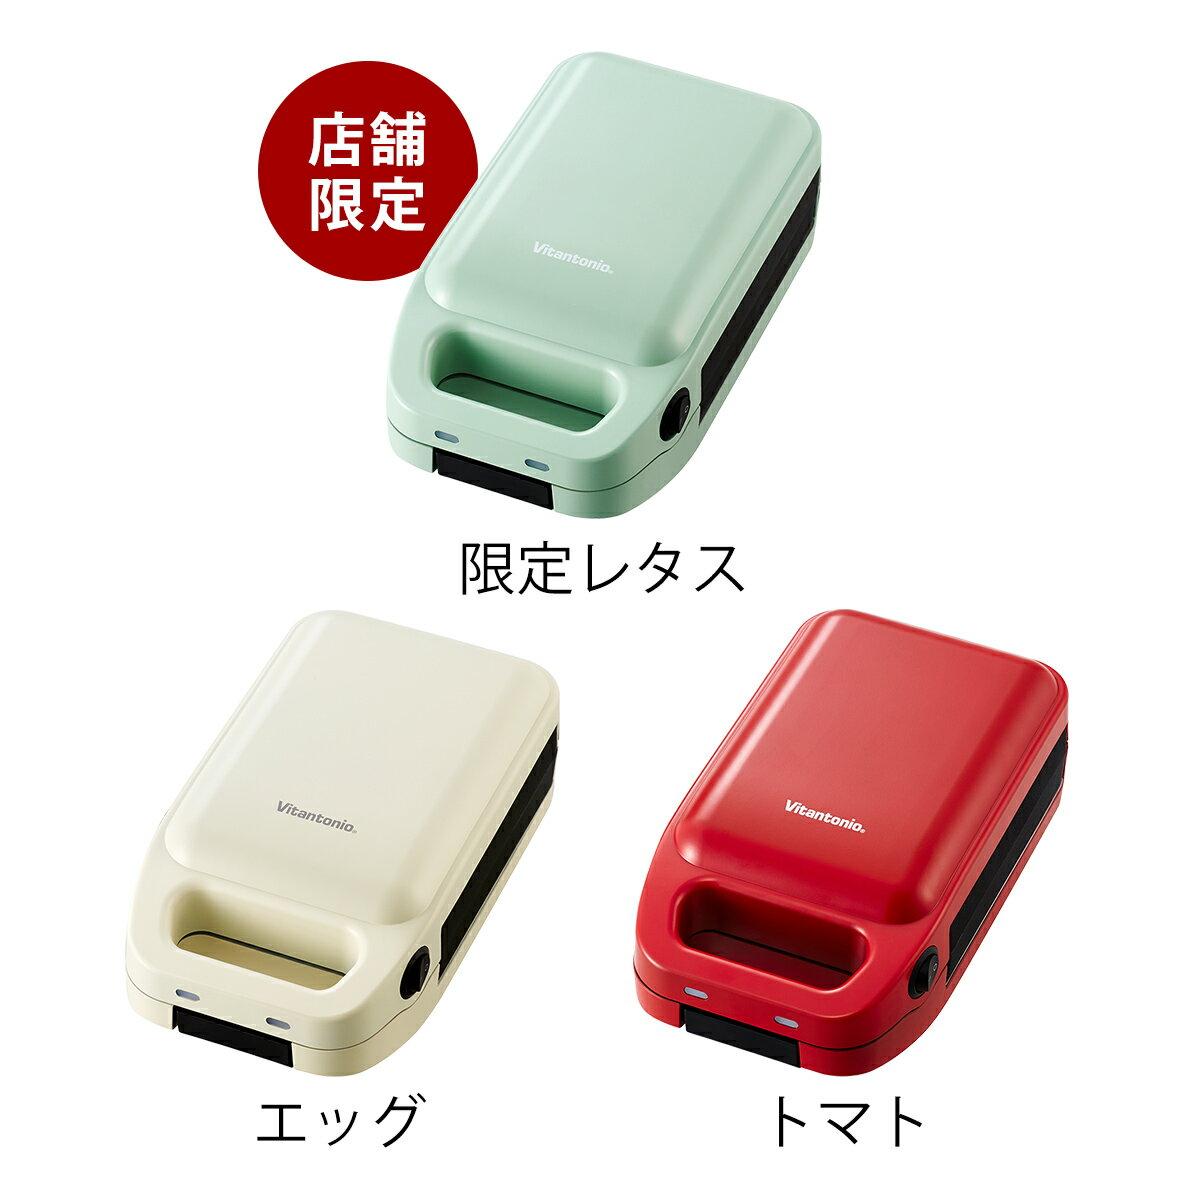 日本Vitantonio / 多功能熱壓土司機 / VHS-10。3色。日本必買  / 代購(5810*2.4) 2